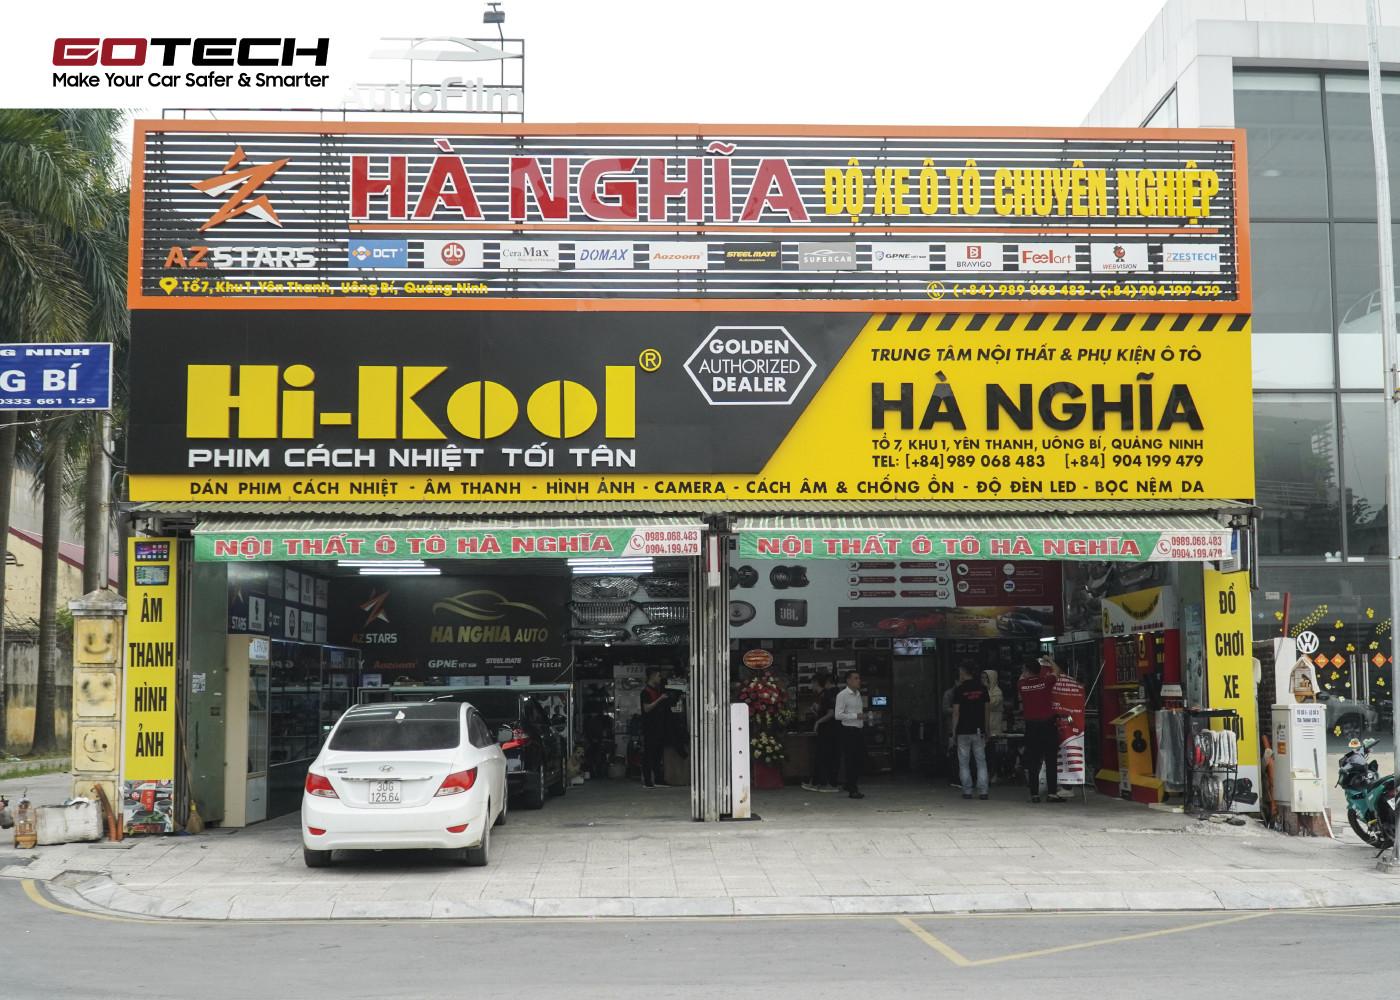 Hà Nghĩa Auto sở hữu không gian chăm sóc xe hơi hiện đại cùng đội ngũ nhân viên, kỹ thuật viên chuyên nghiệp.